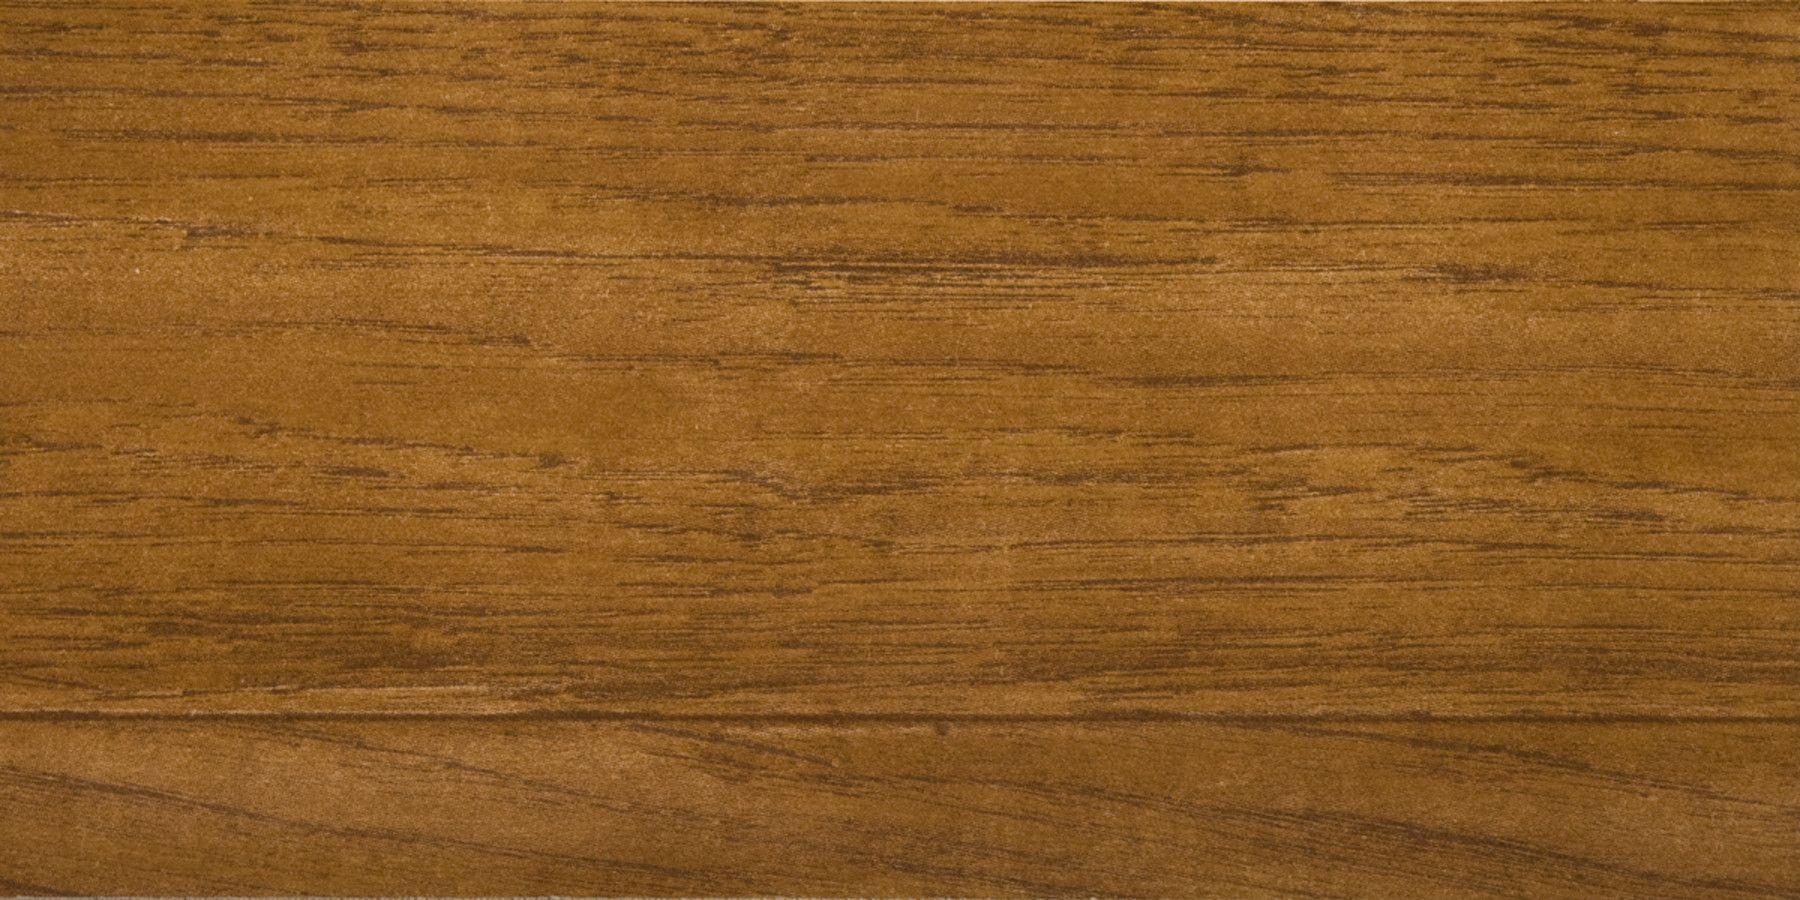 Heritage 4 Quot X 24 Quot Porcelain Wood Tile In Golden Oak Wood